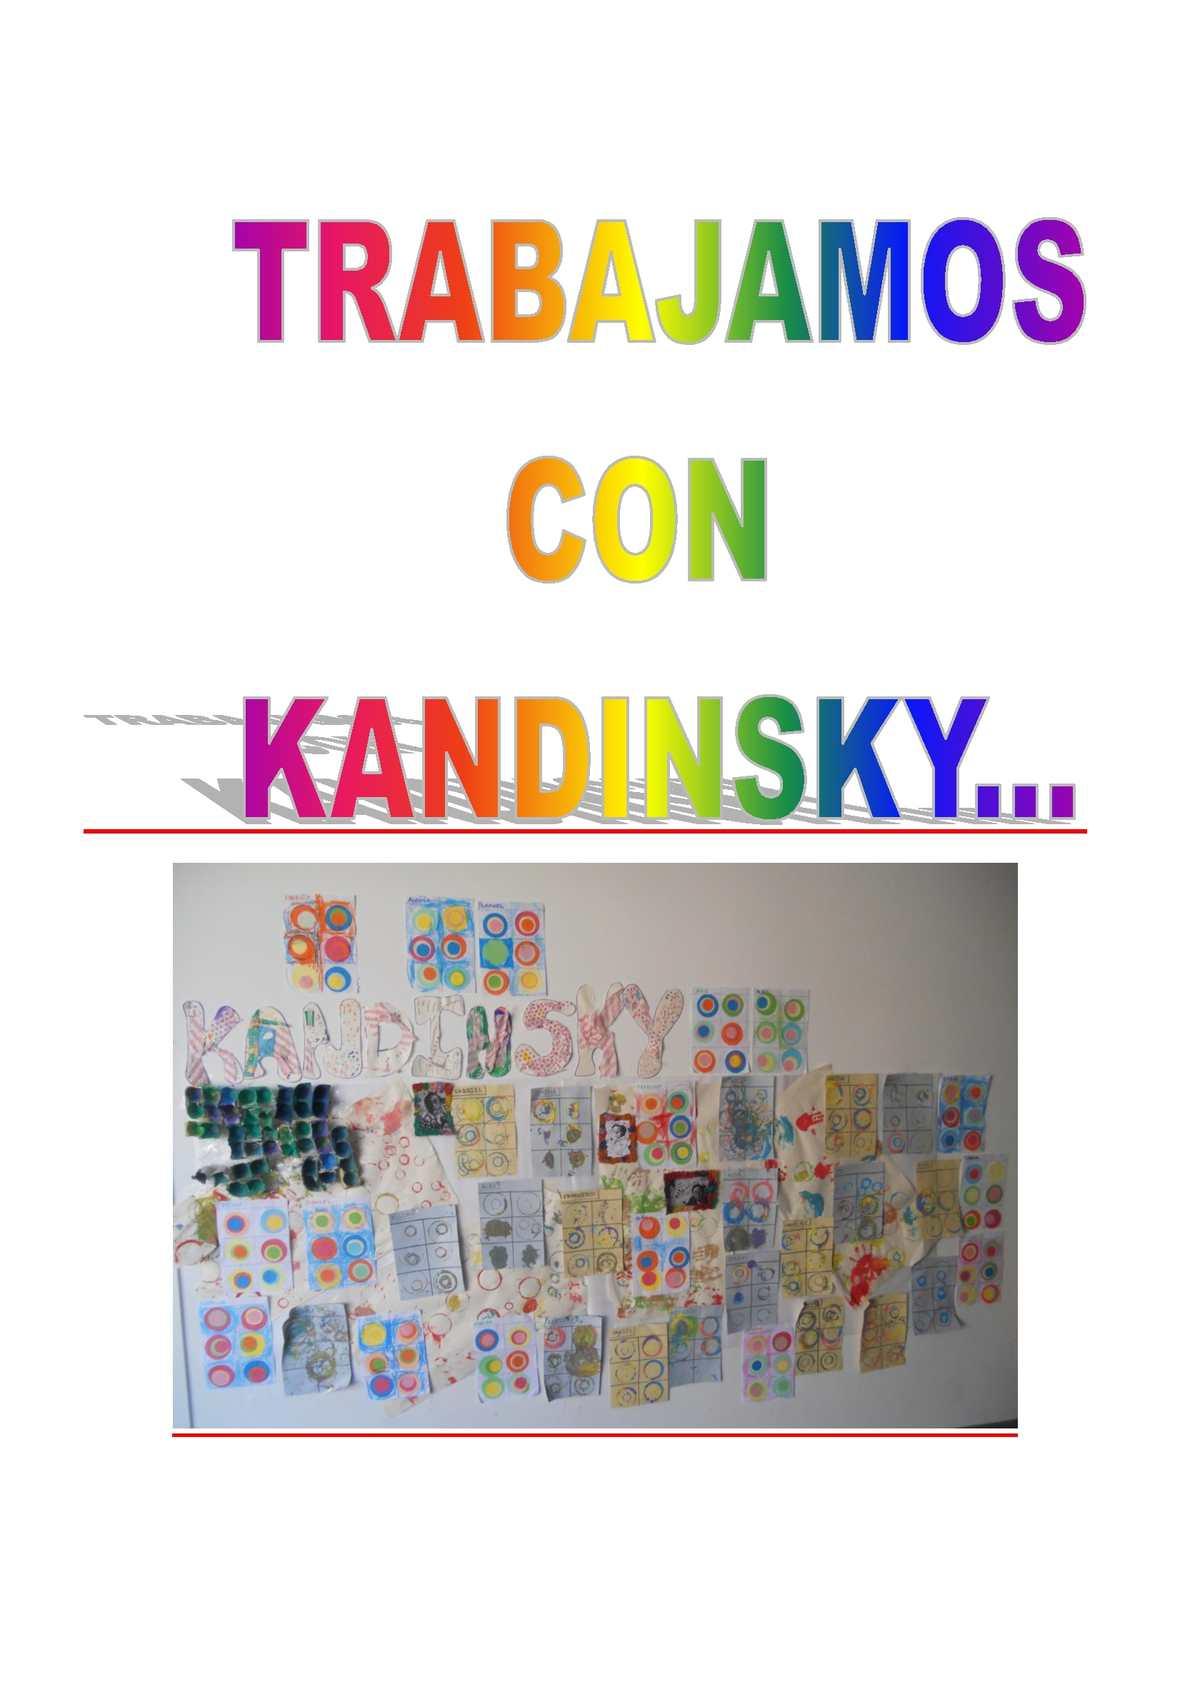 Calaméo Trabajamos Con Kandinsky